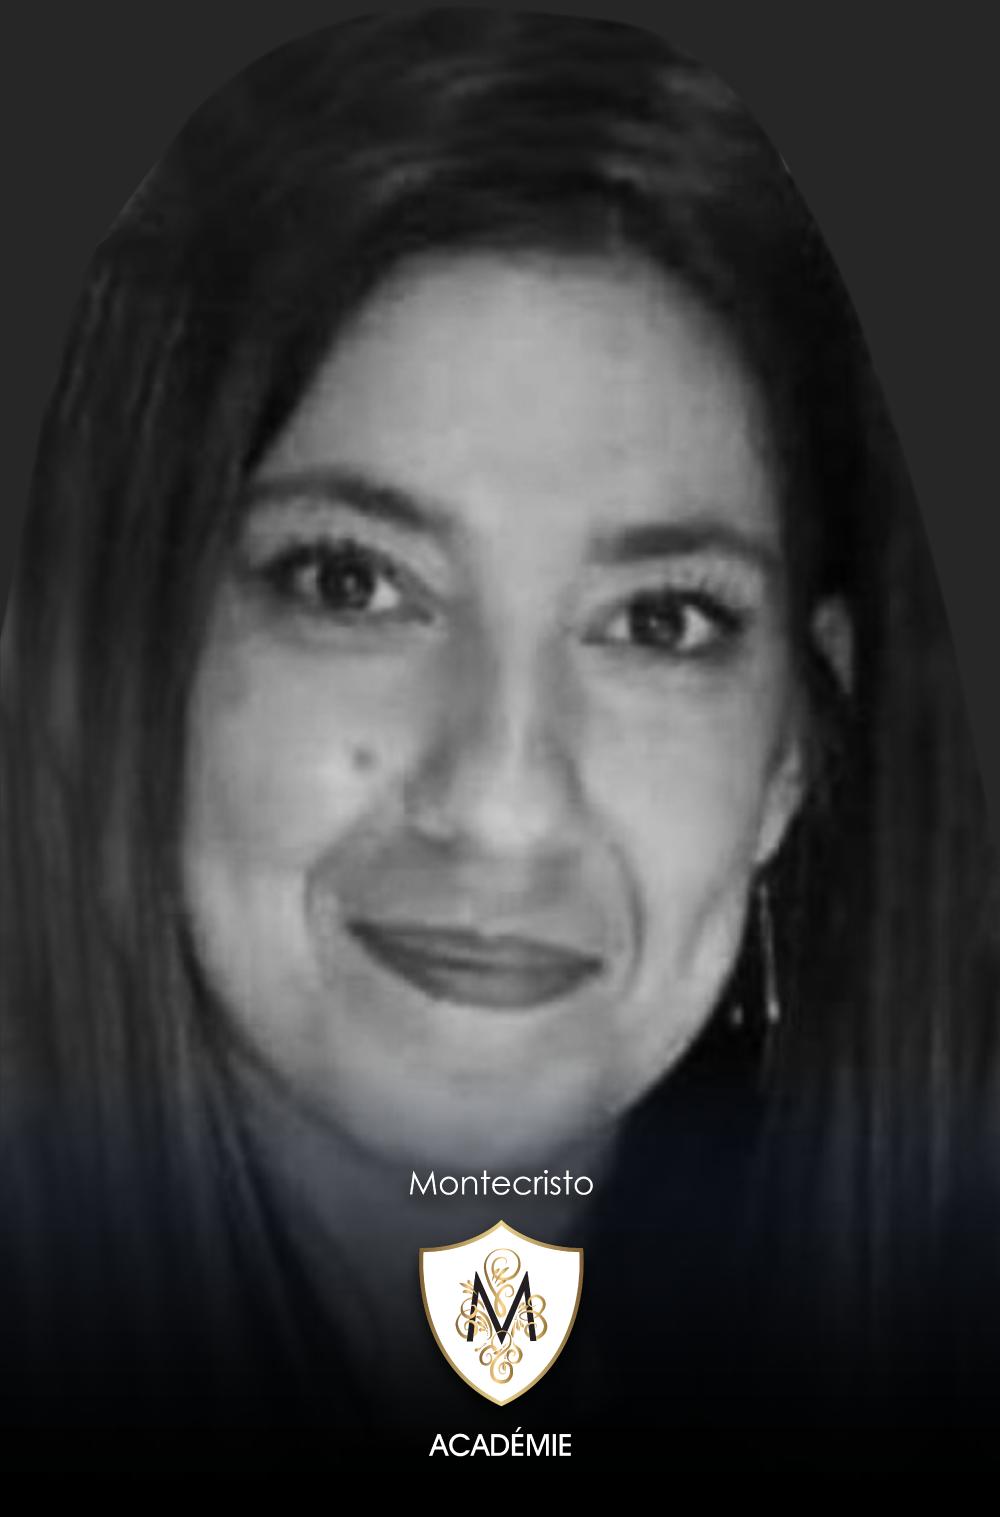 Serafina_mentor_02